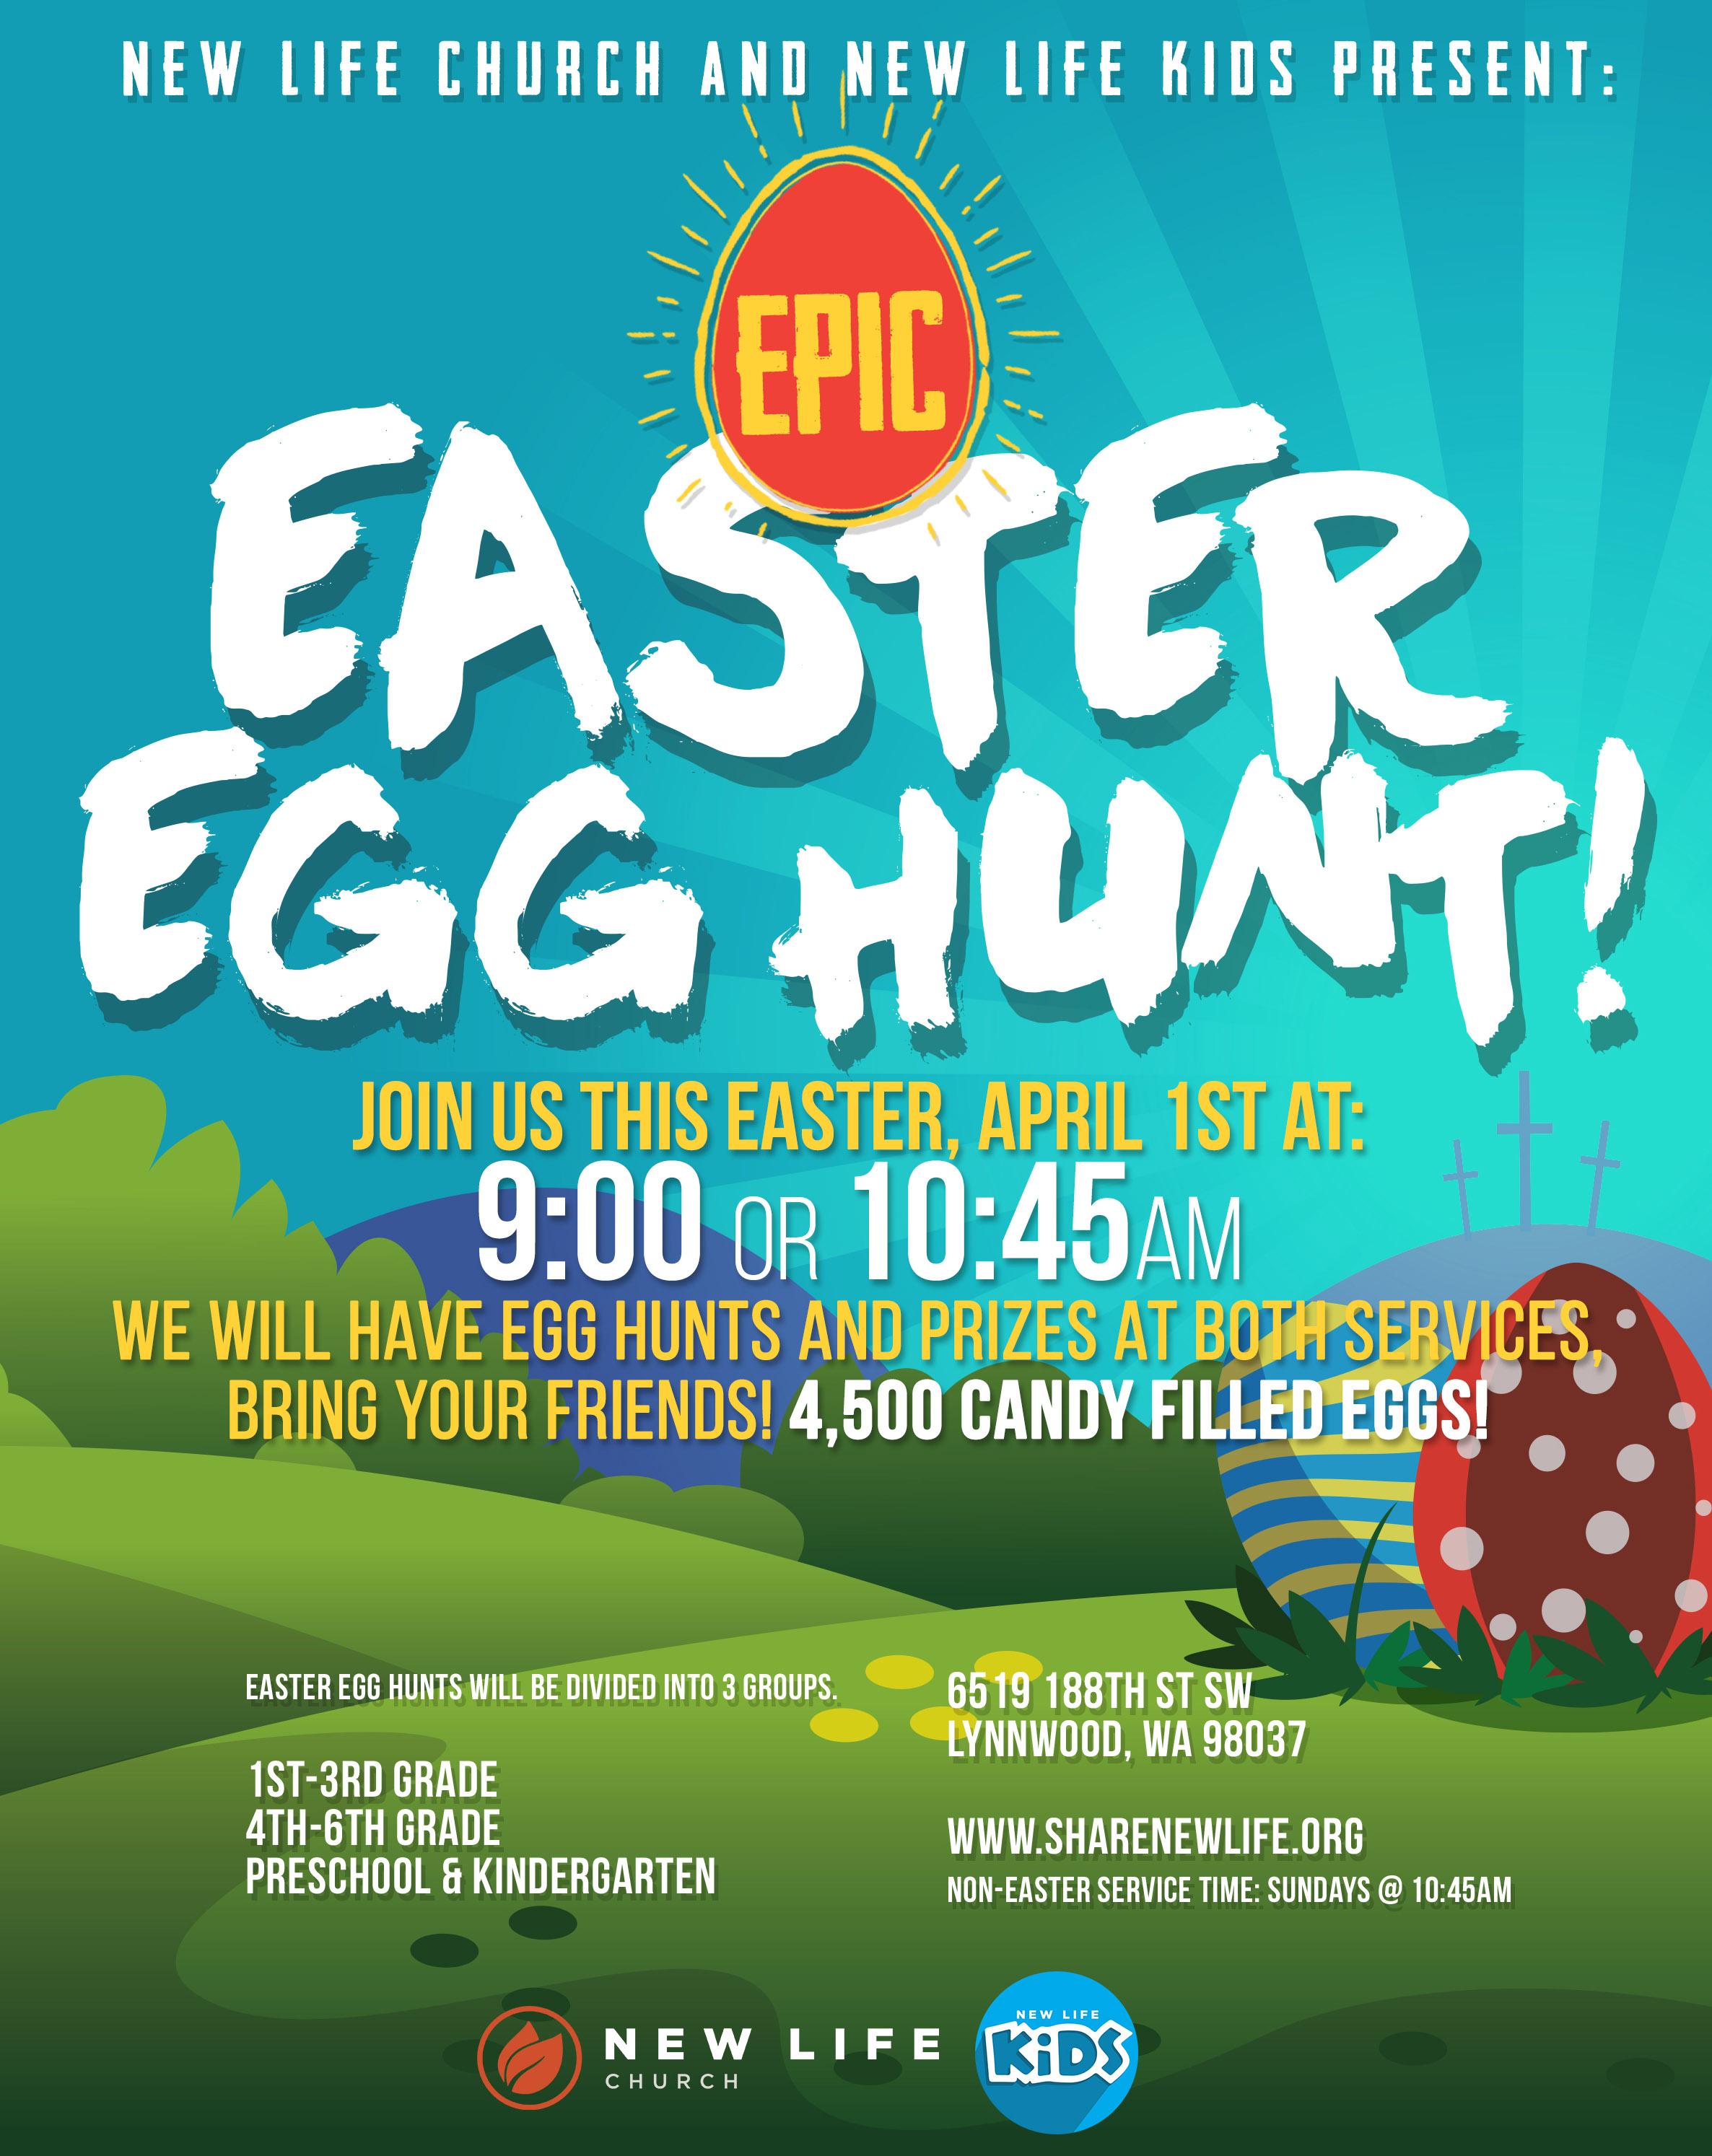 Epic Easter Egg Hunt - Lynnwood Today